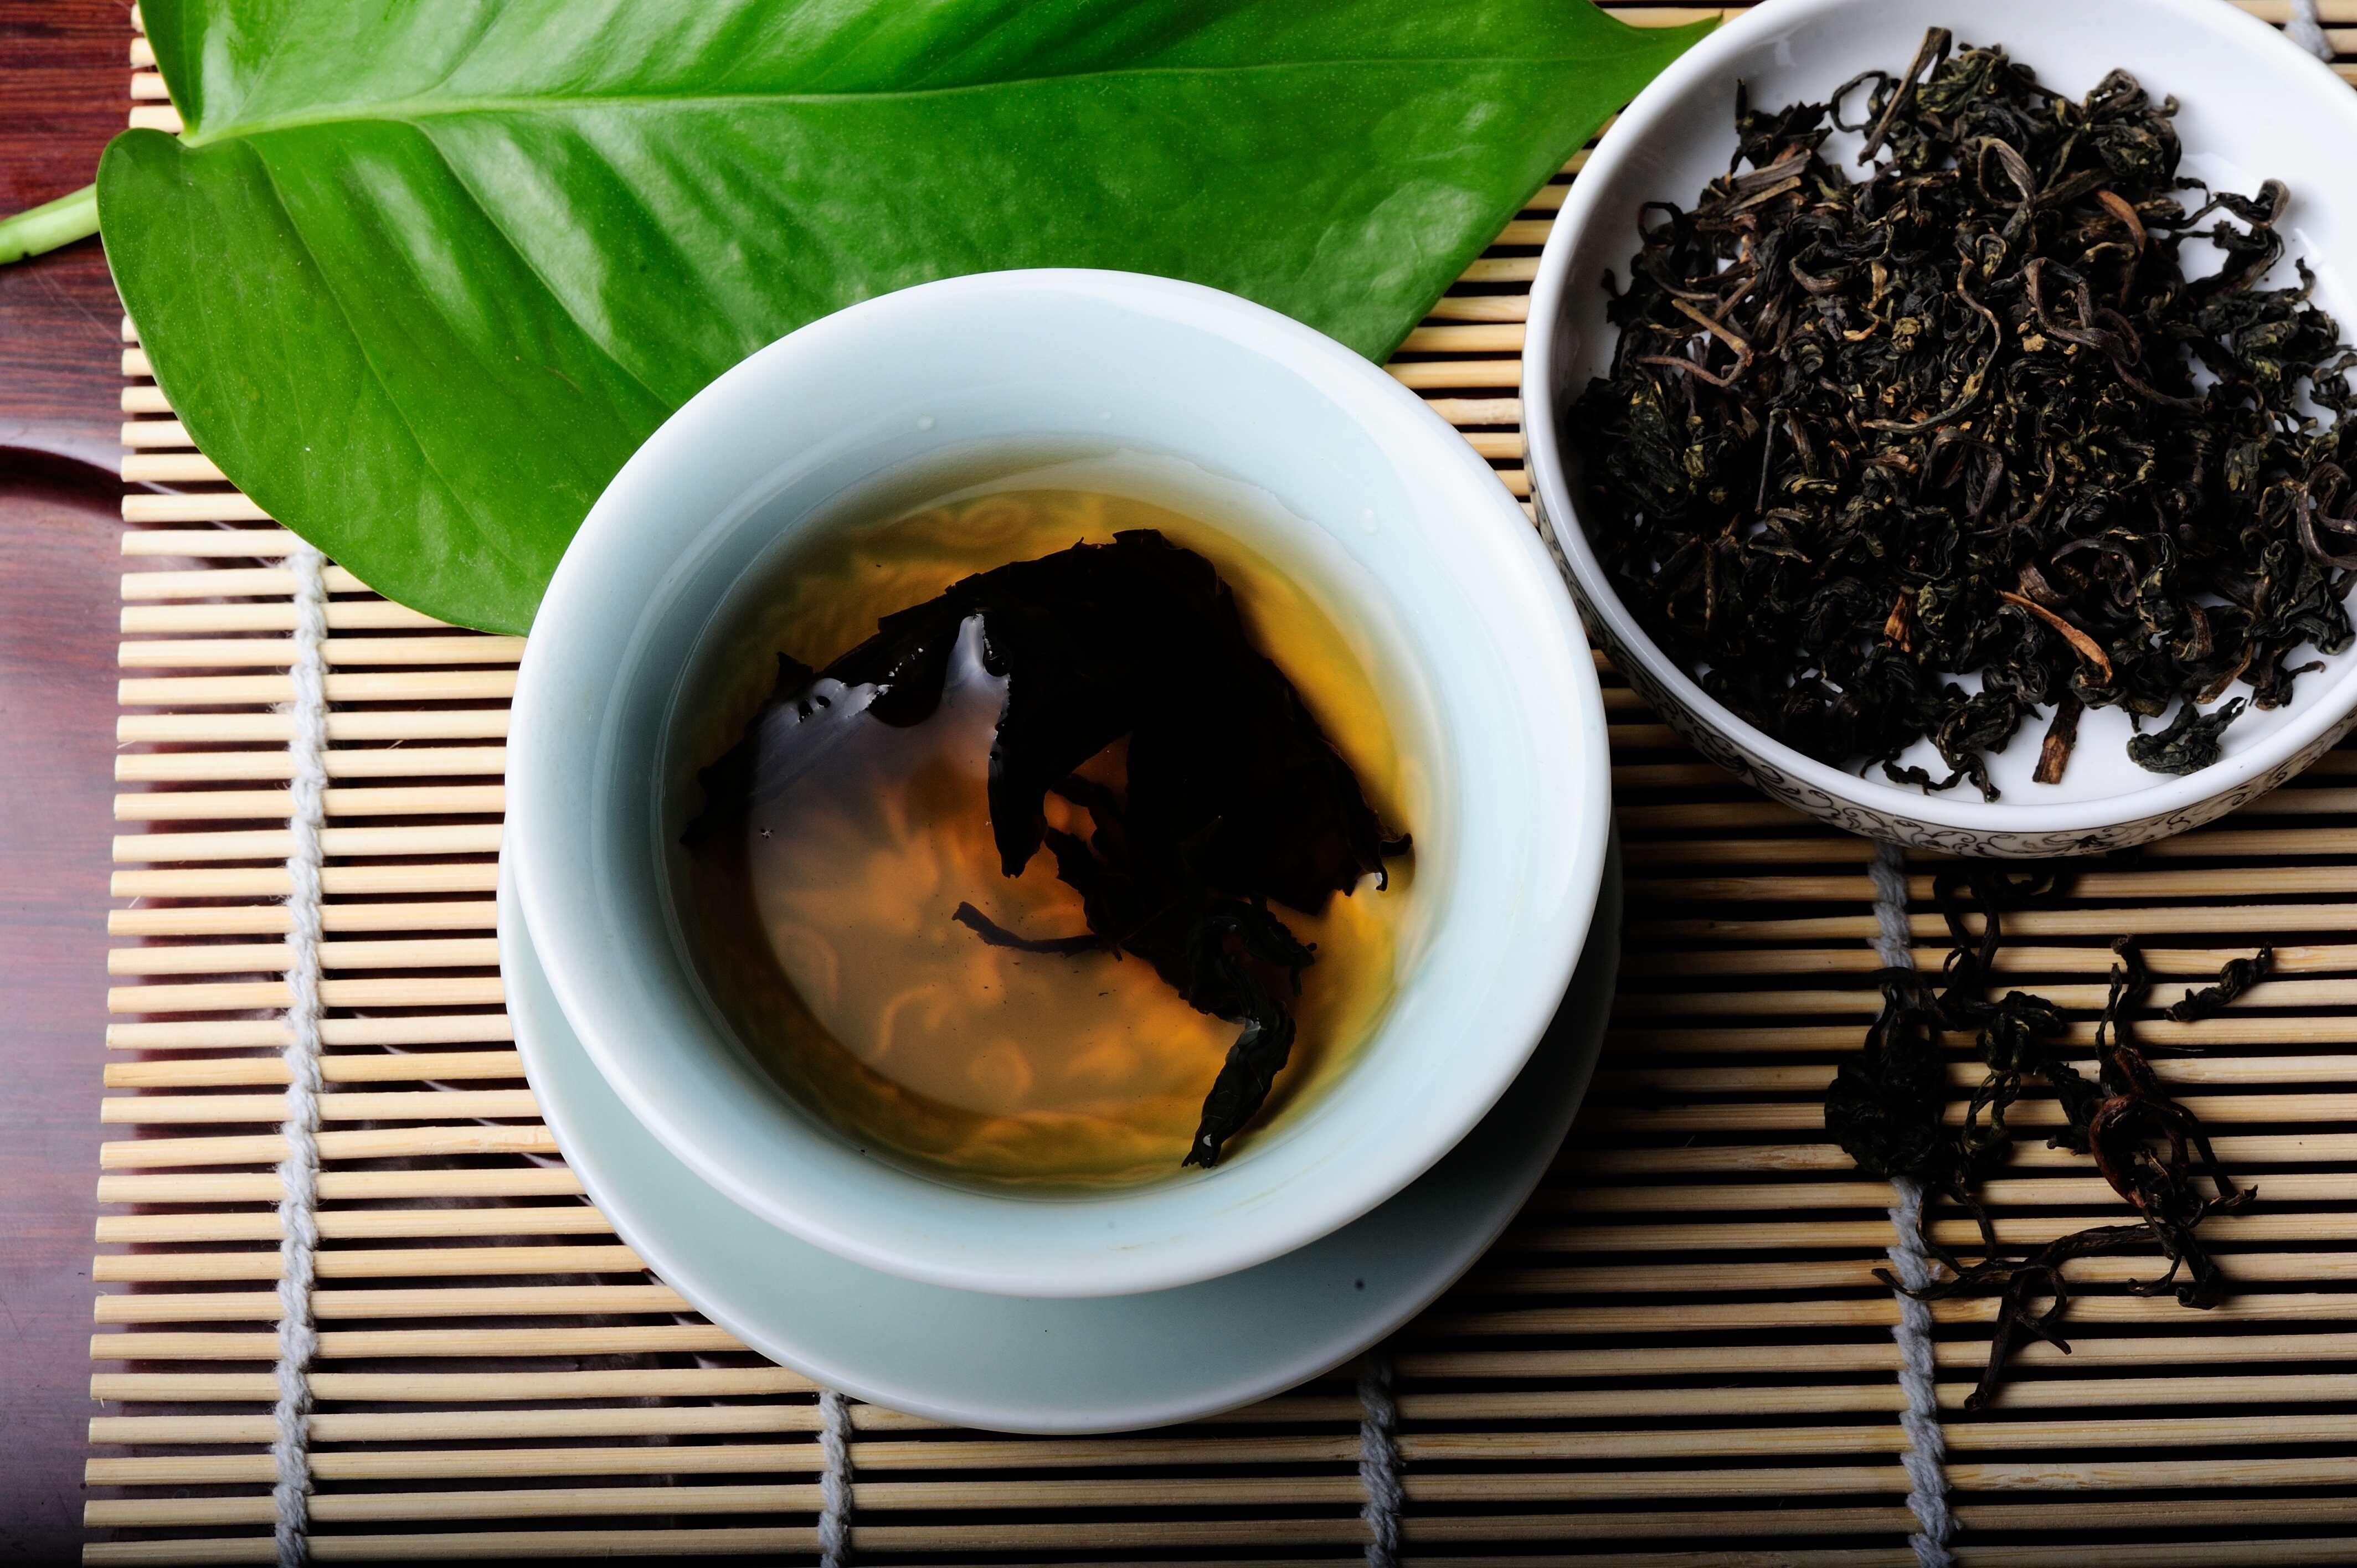 冬季养生茶御寒保暖,怎么喝好?